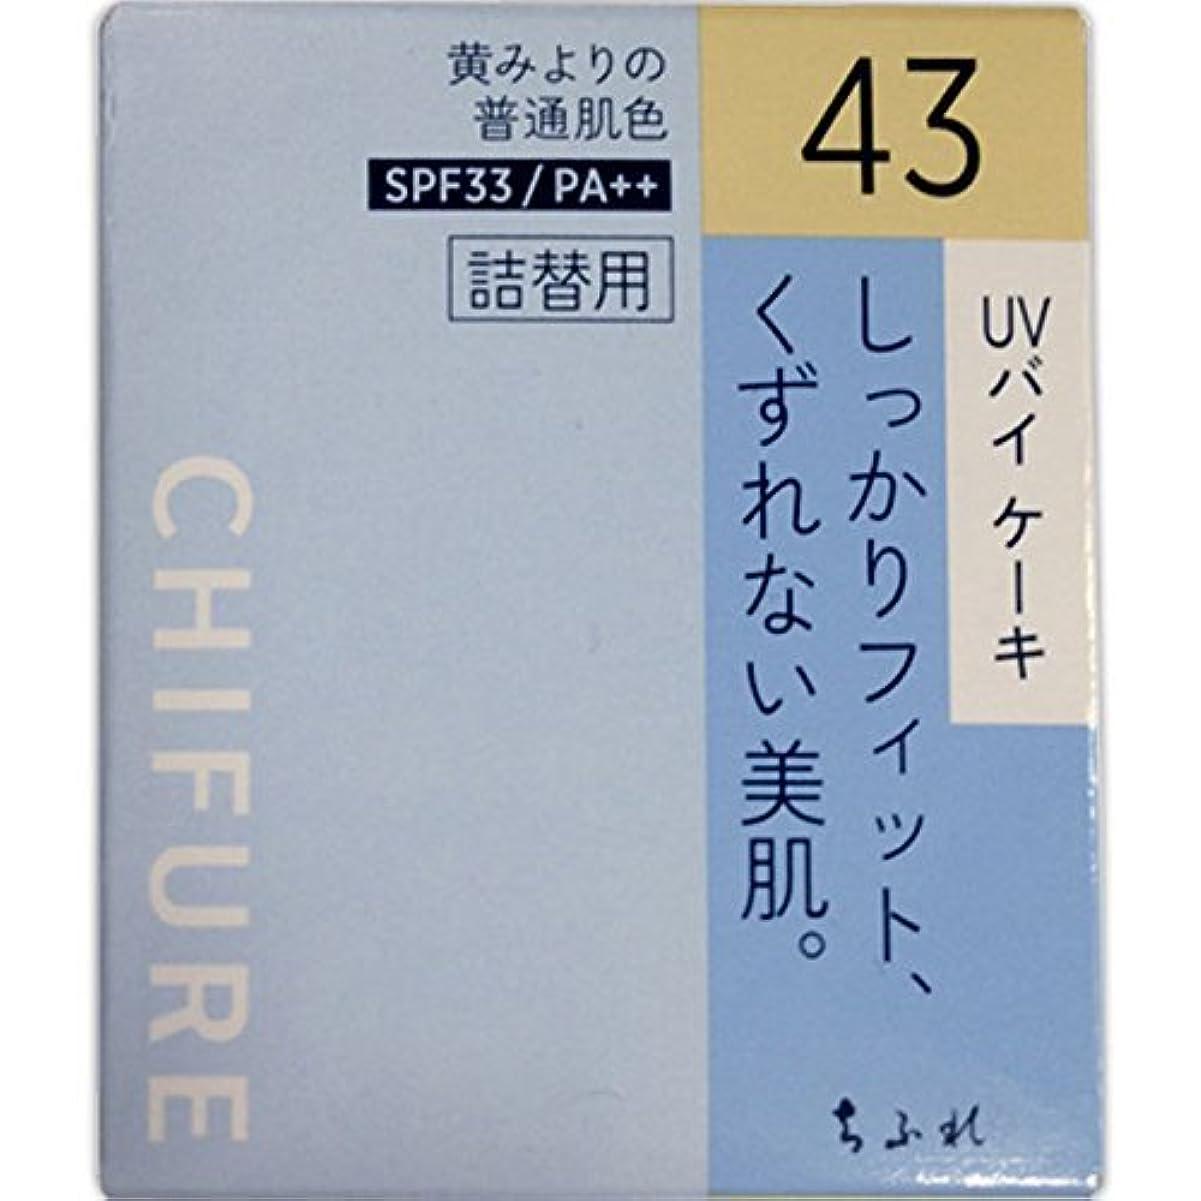 羨望類推感謝ちふれ化粧品 UV バイ ケーキ 詰替用 43 黄みよりの普通肌色 43